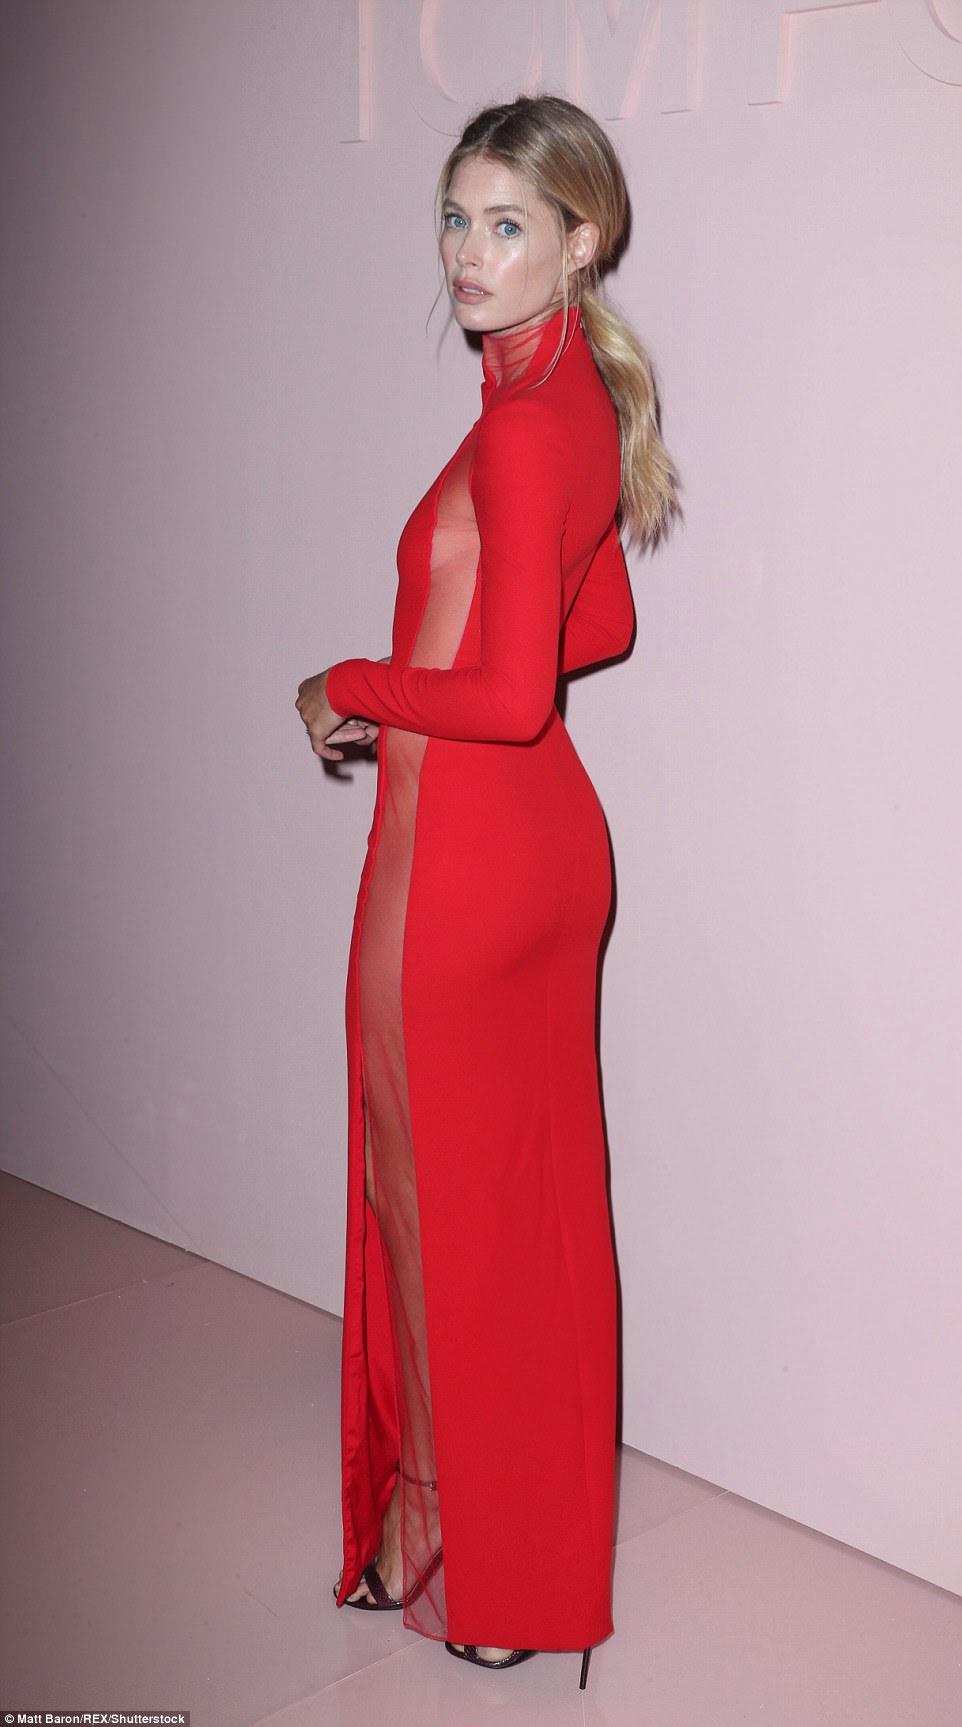 Smoldering: Doutzen estava exibindo seu modelo de boa aparência enquanto invadiu o tapete vermelho